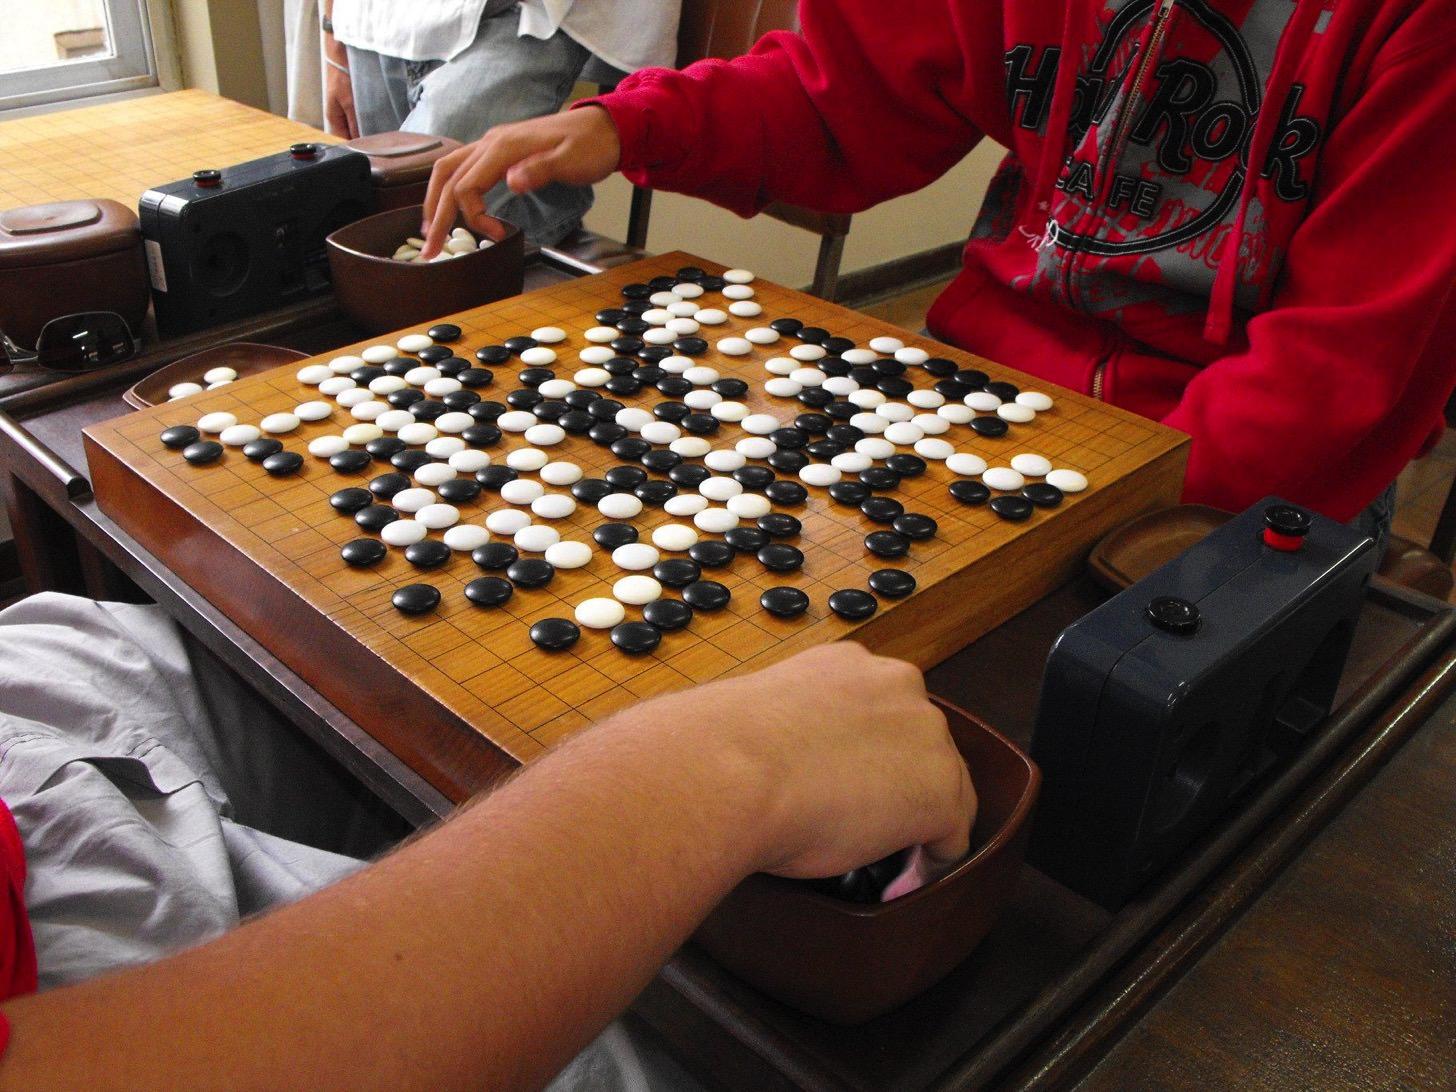 グーグル開発の人工知能「AlphaGo」なんとプロの囲碁棋士に5戦全勝。